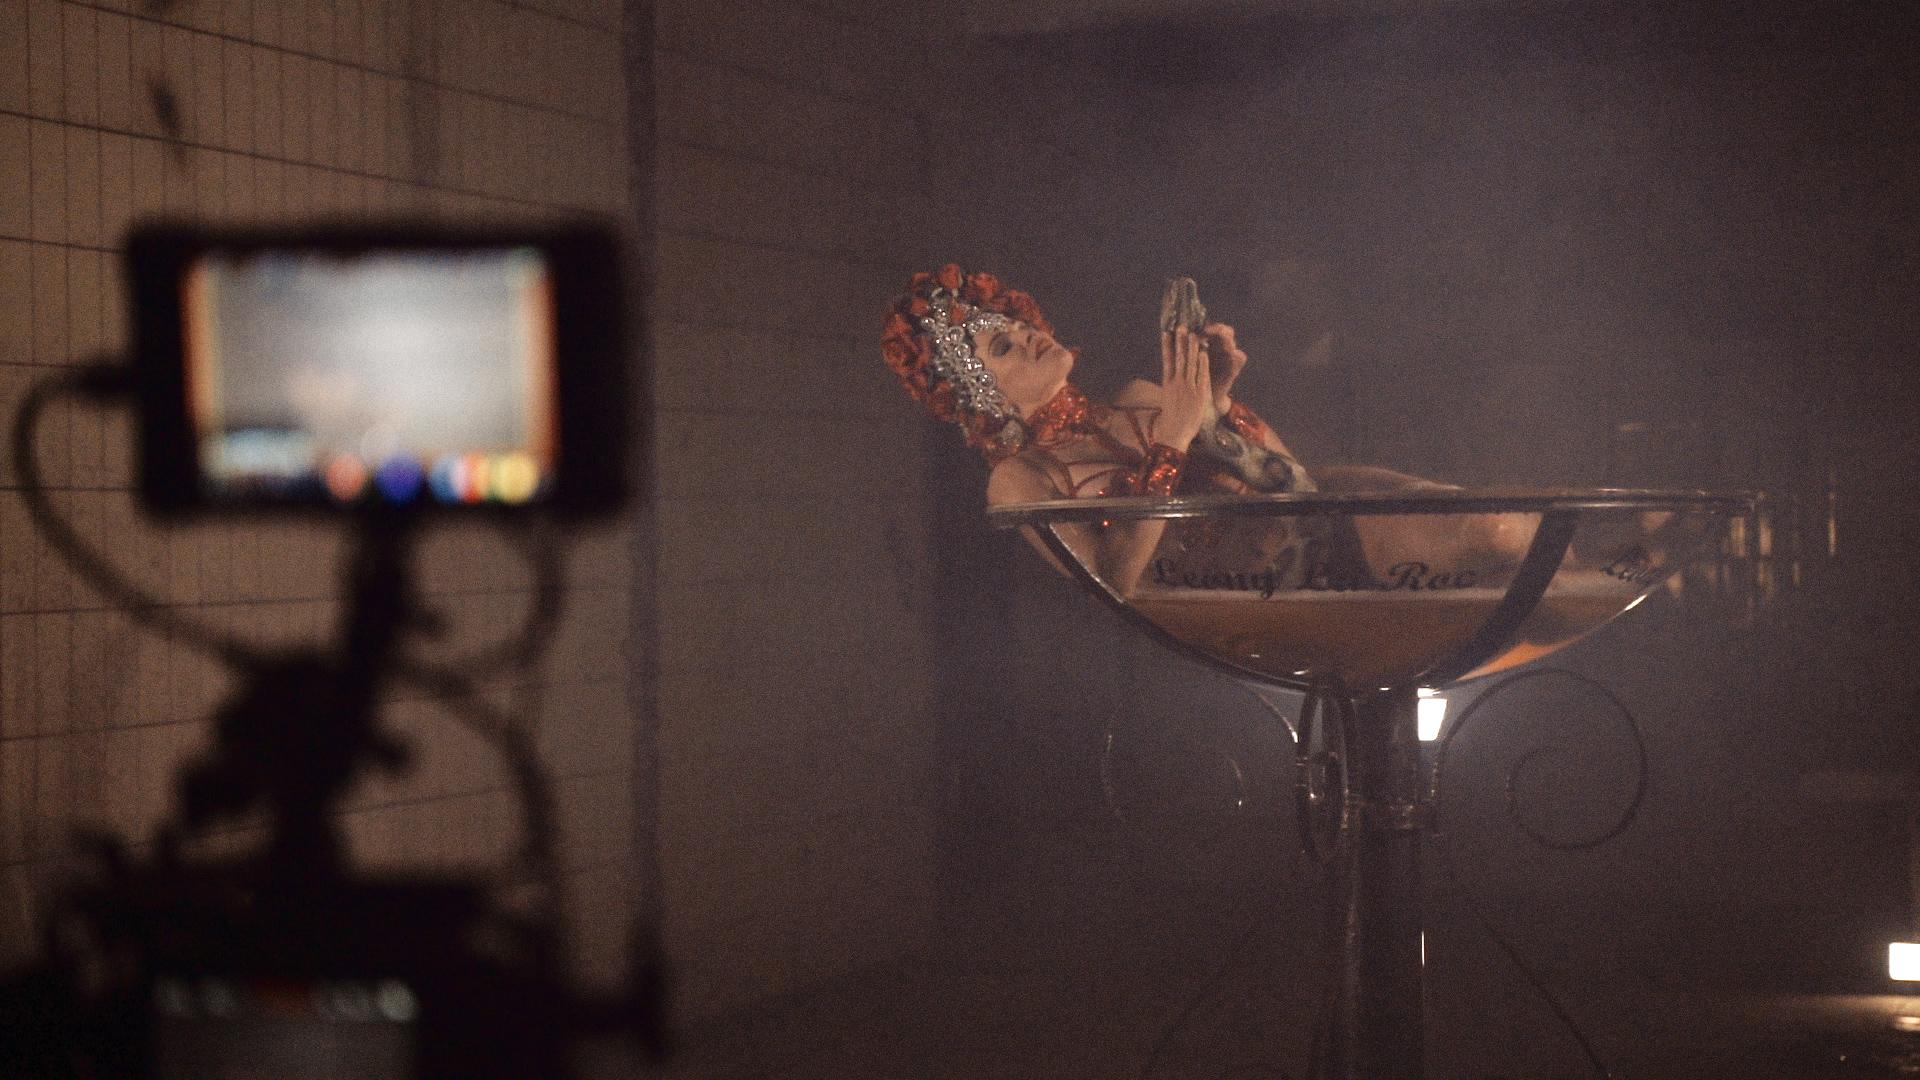 Musikvideodreh für Kris Menace Partner in Crime